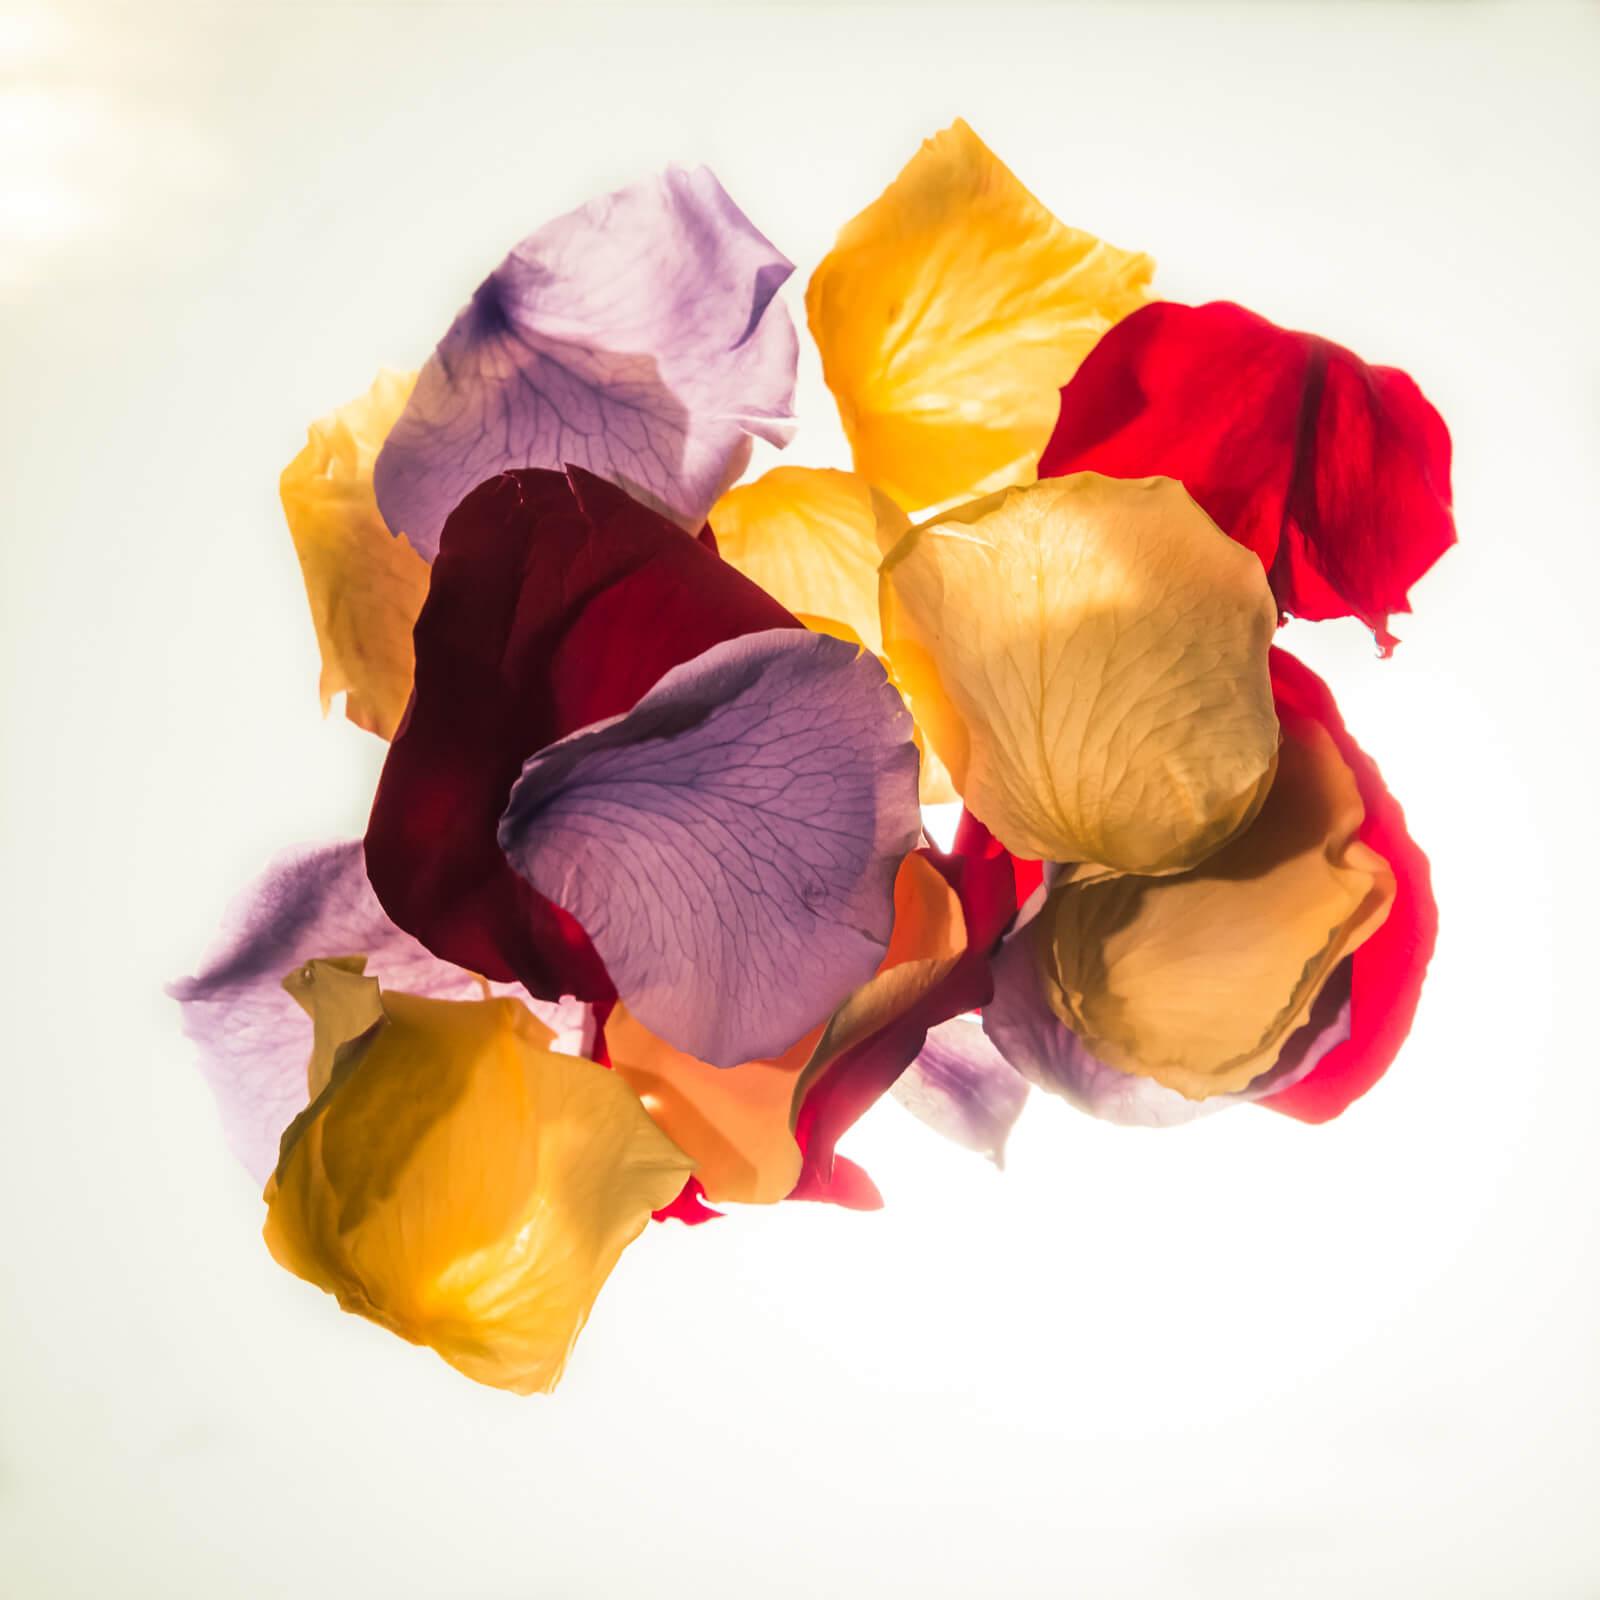 pétalos de rosas de múltiples colores